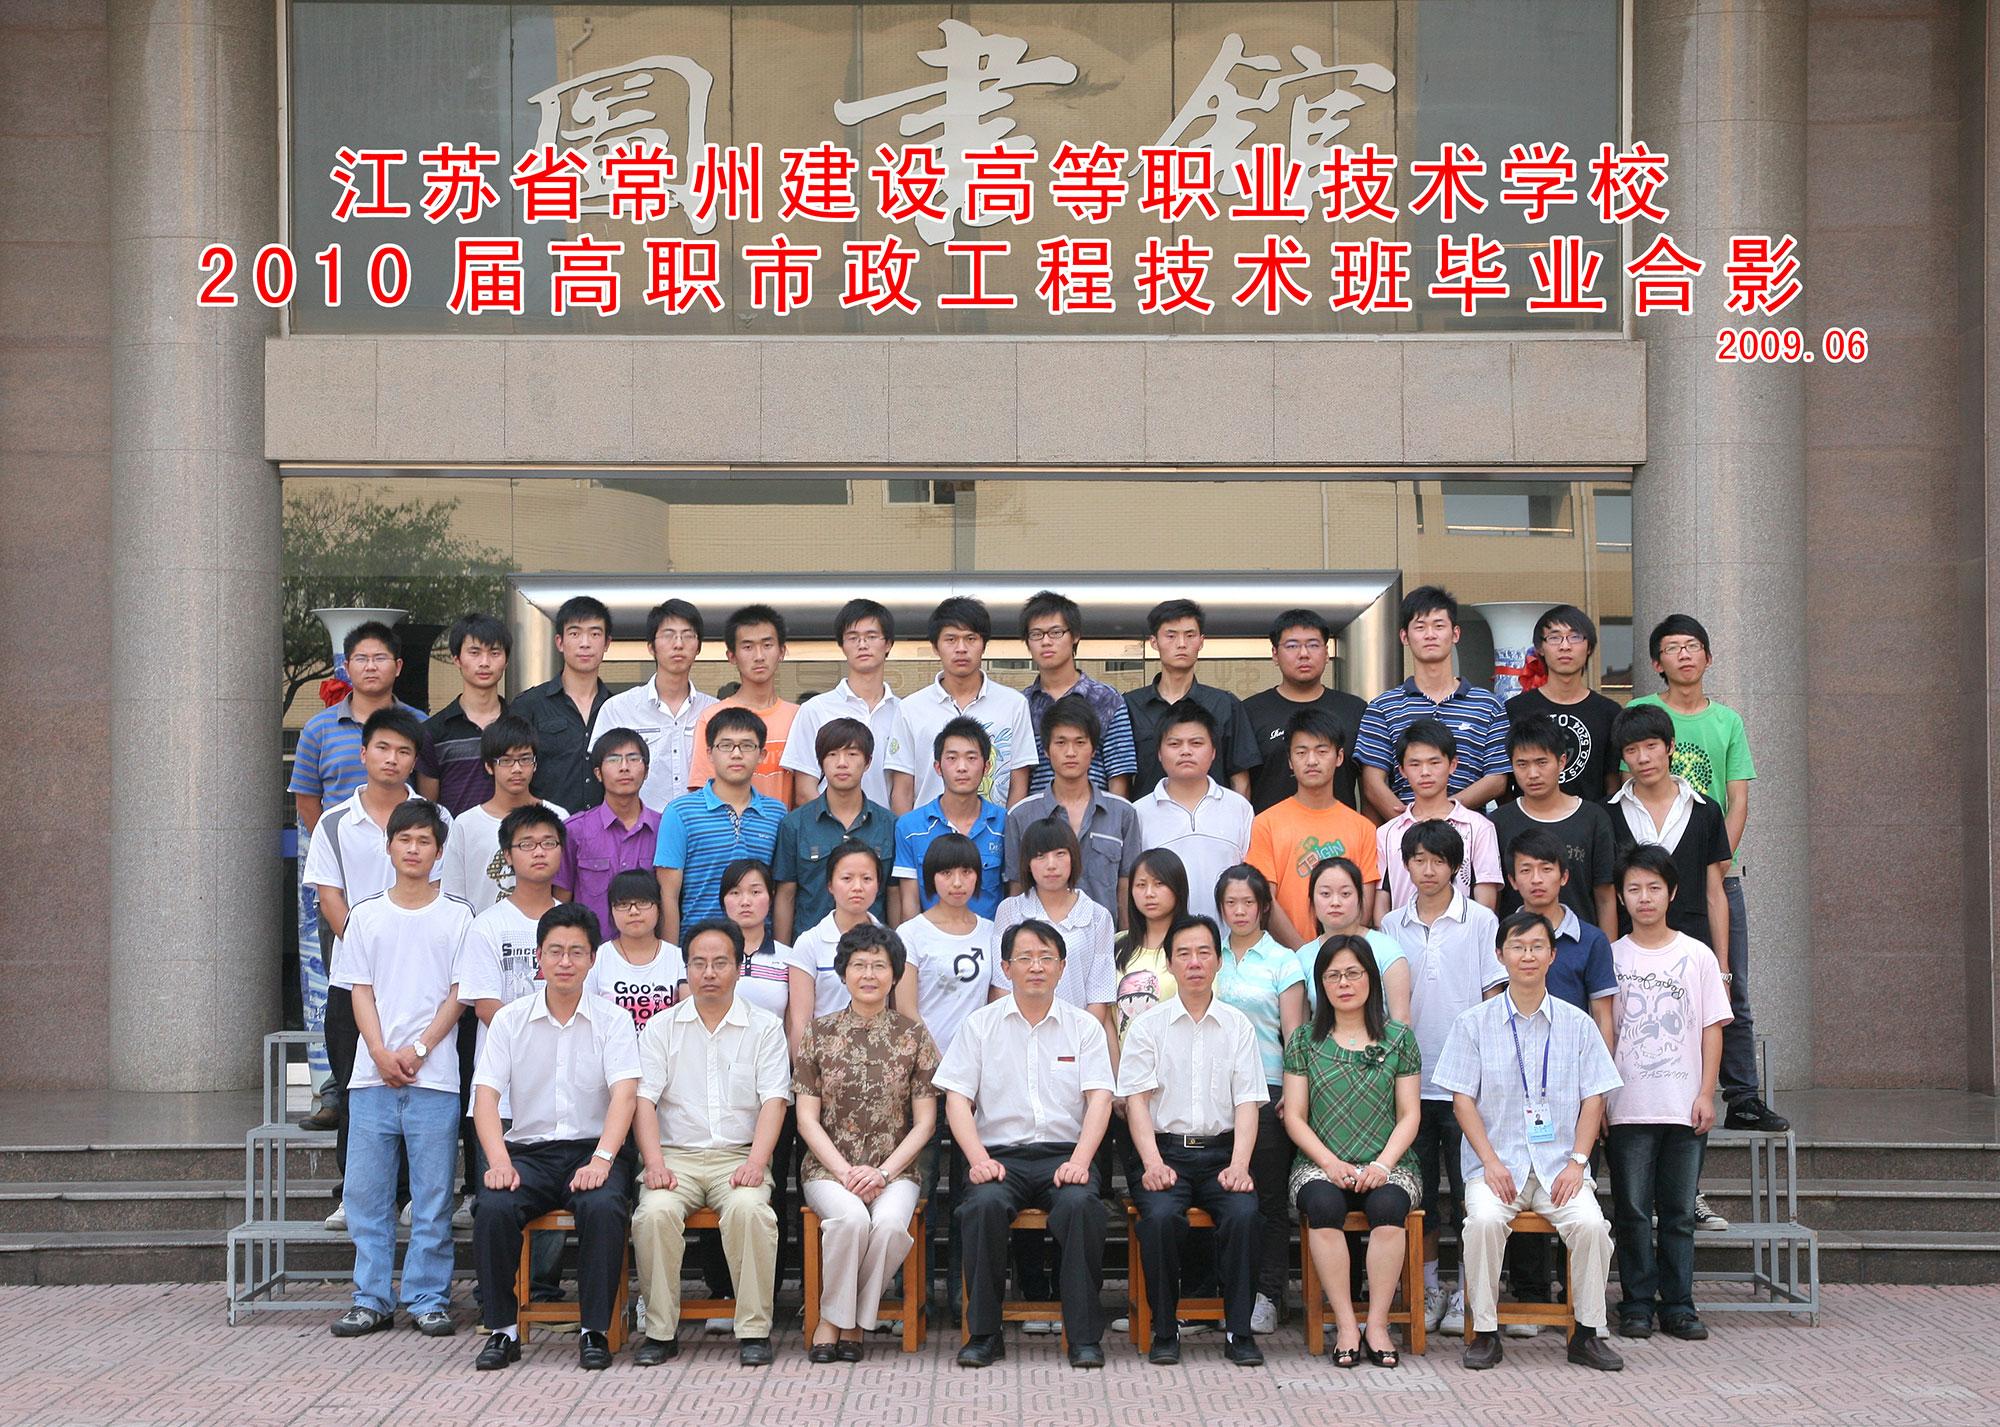 2010届高职市政工程技术班毕业合...